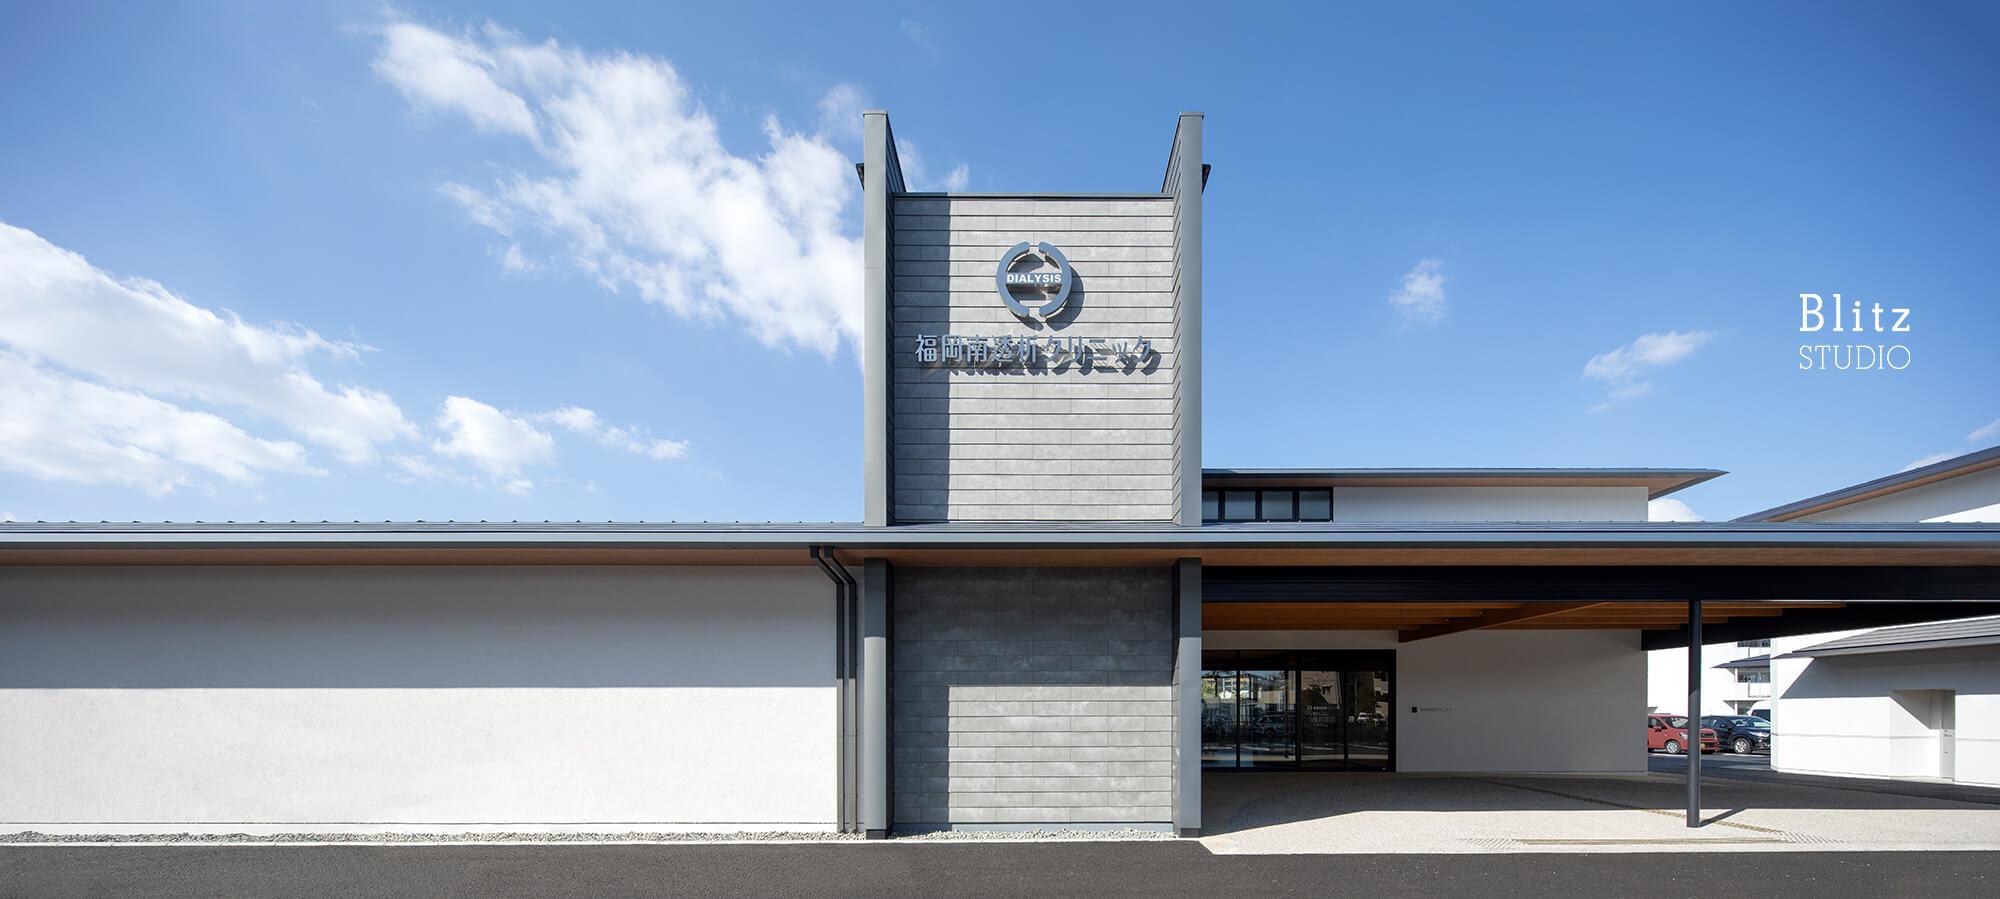 『福岡南透析クリニック』-福岡県福岡市-建築写真・竣工写真・インテリア写真2